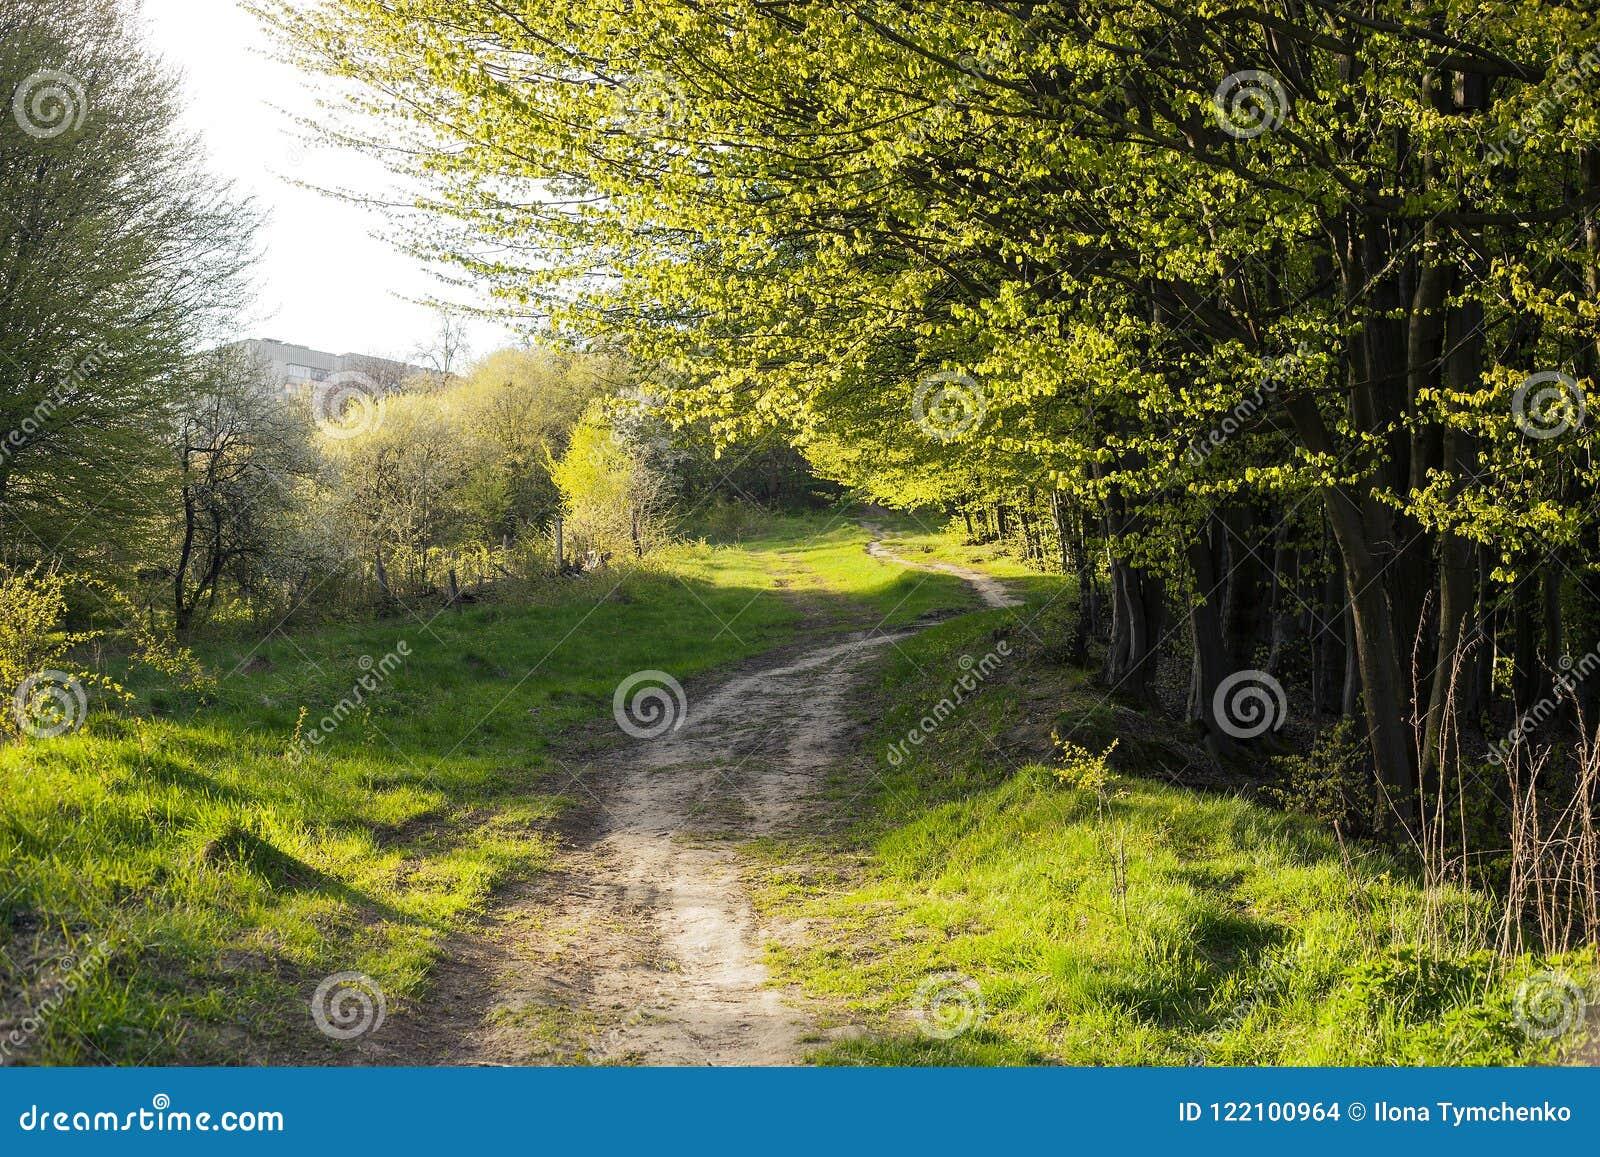 De lentelandschap met voetpad in groen gras dichtbij mistig bos